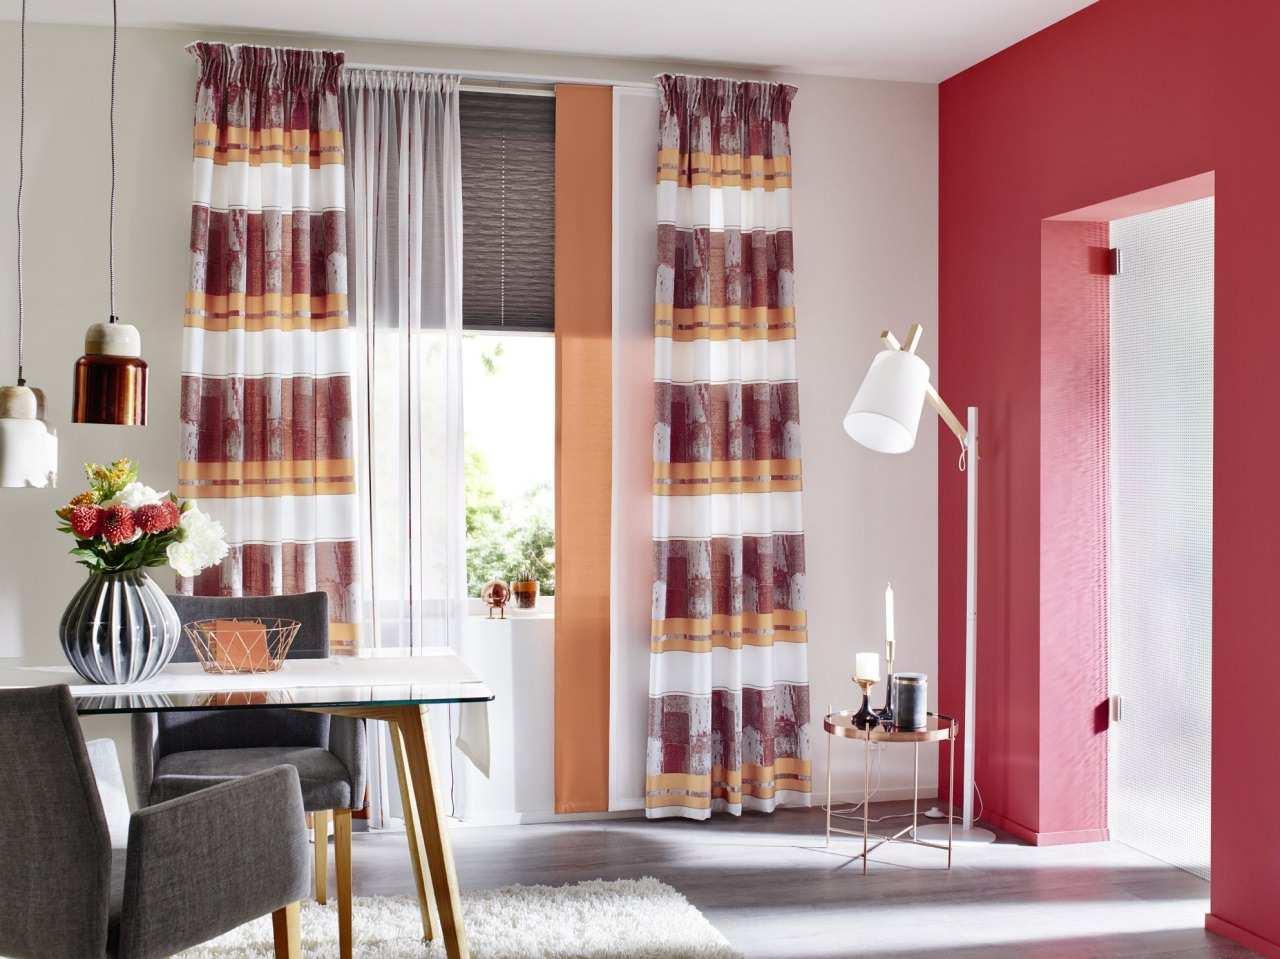 Full Size of Gardinen Fur Kuche Modulküche Ikea Küche Kosten Betten 160x200 Kaufen Bei Sofa Mit Schlaffunktion Miniküche Wohnzimmer Küchengardinen Ikea